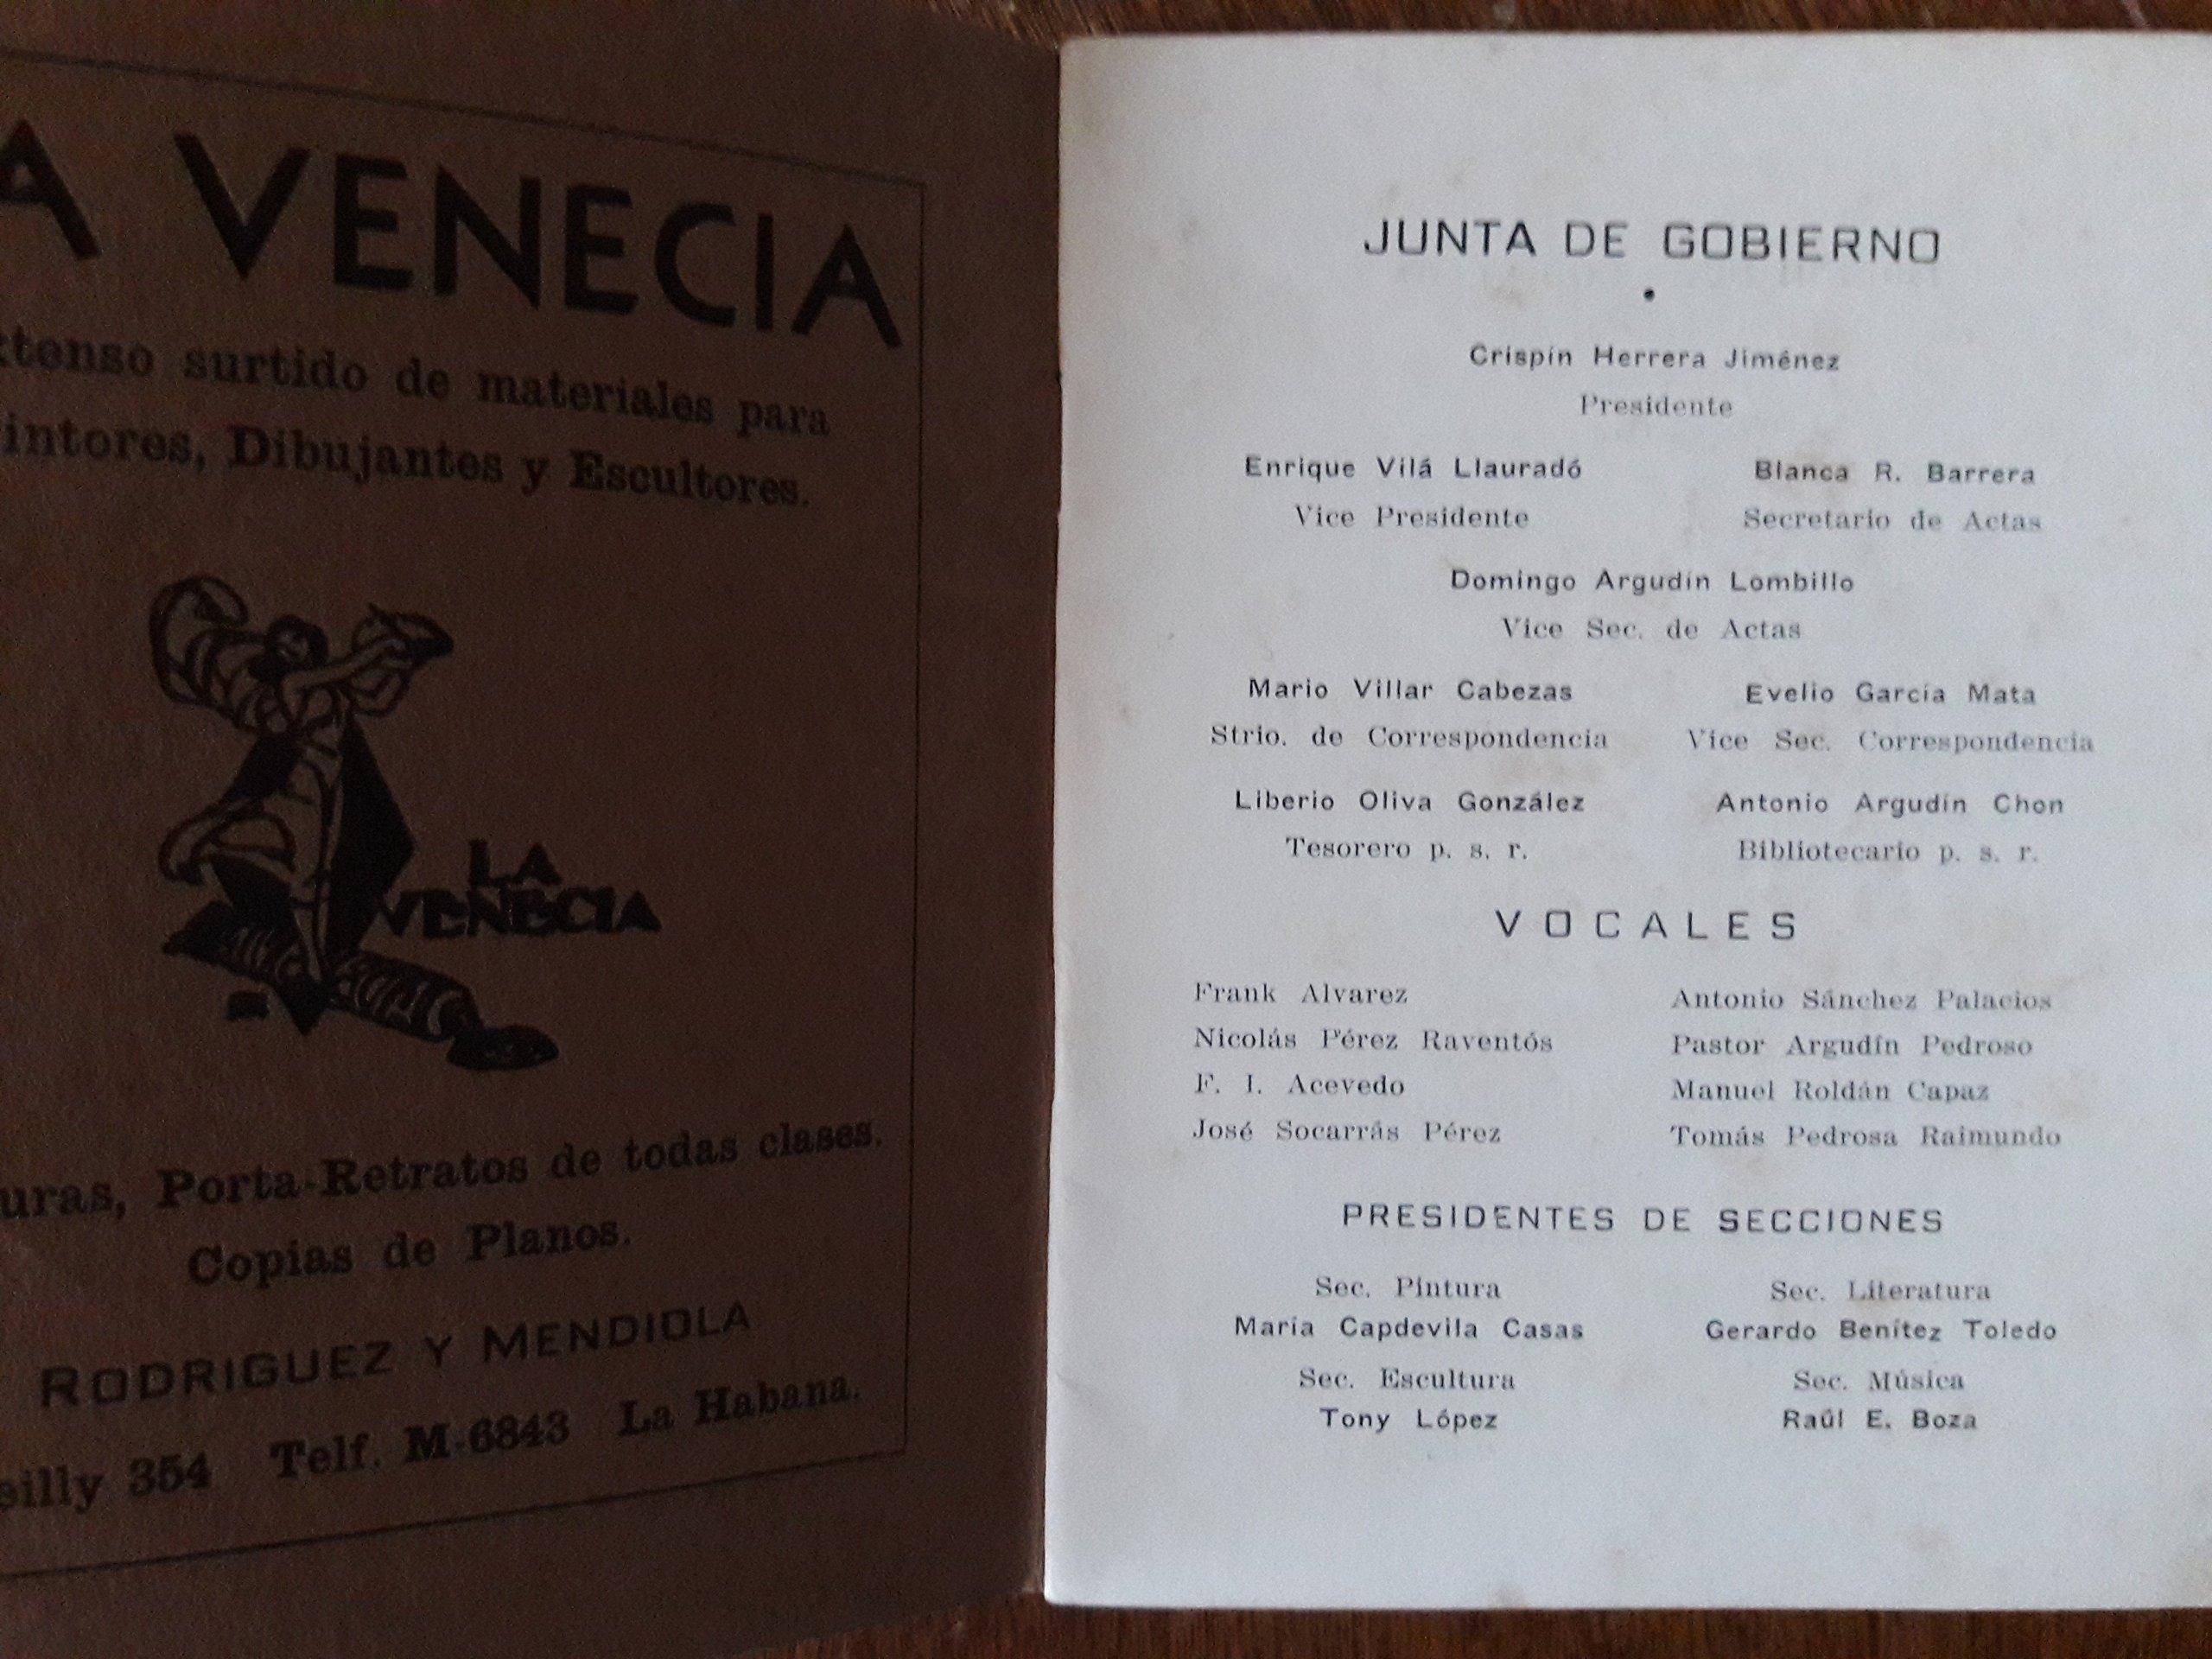 Circulo de bellas artes.XXXII salon de bellas artes, la habana, cuba, 1951.: america duenas irigoyen, raul eguren, manuel fernandez, enrique gay, ...